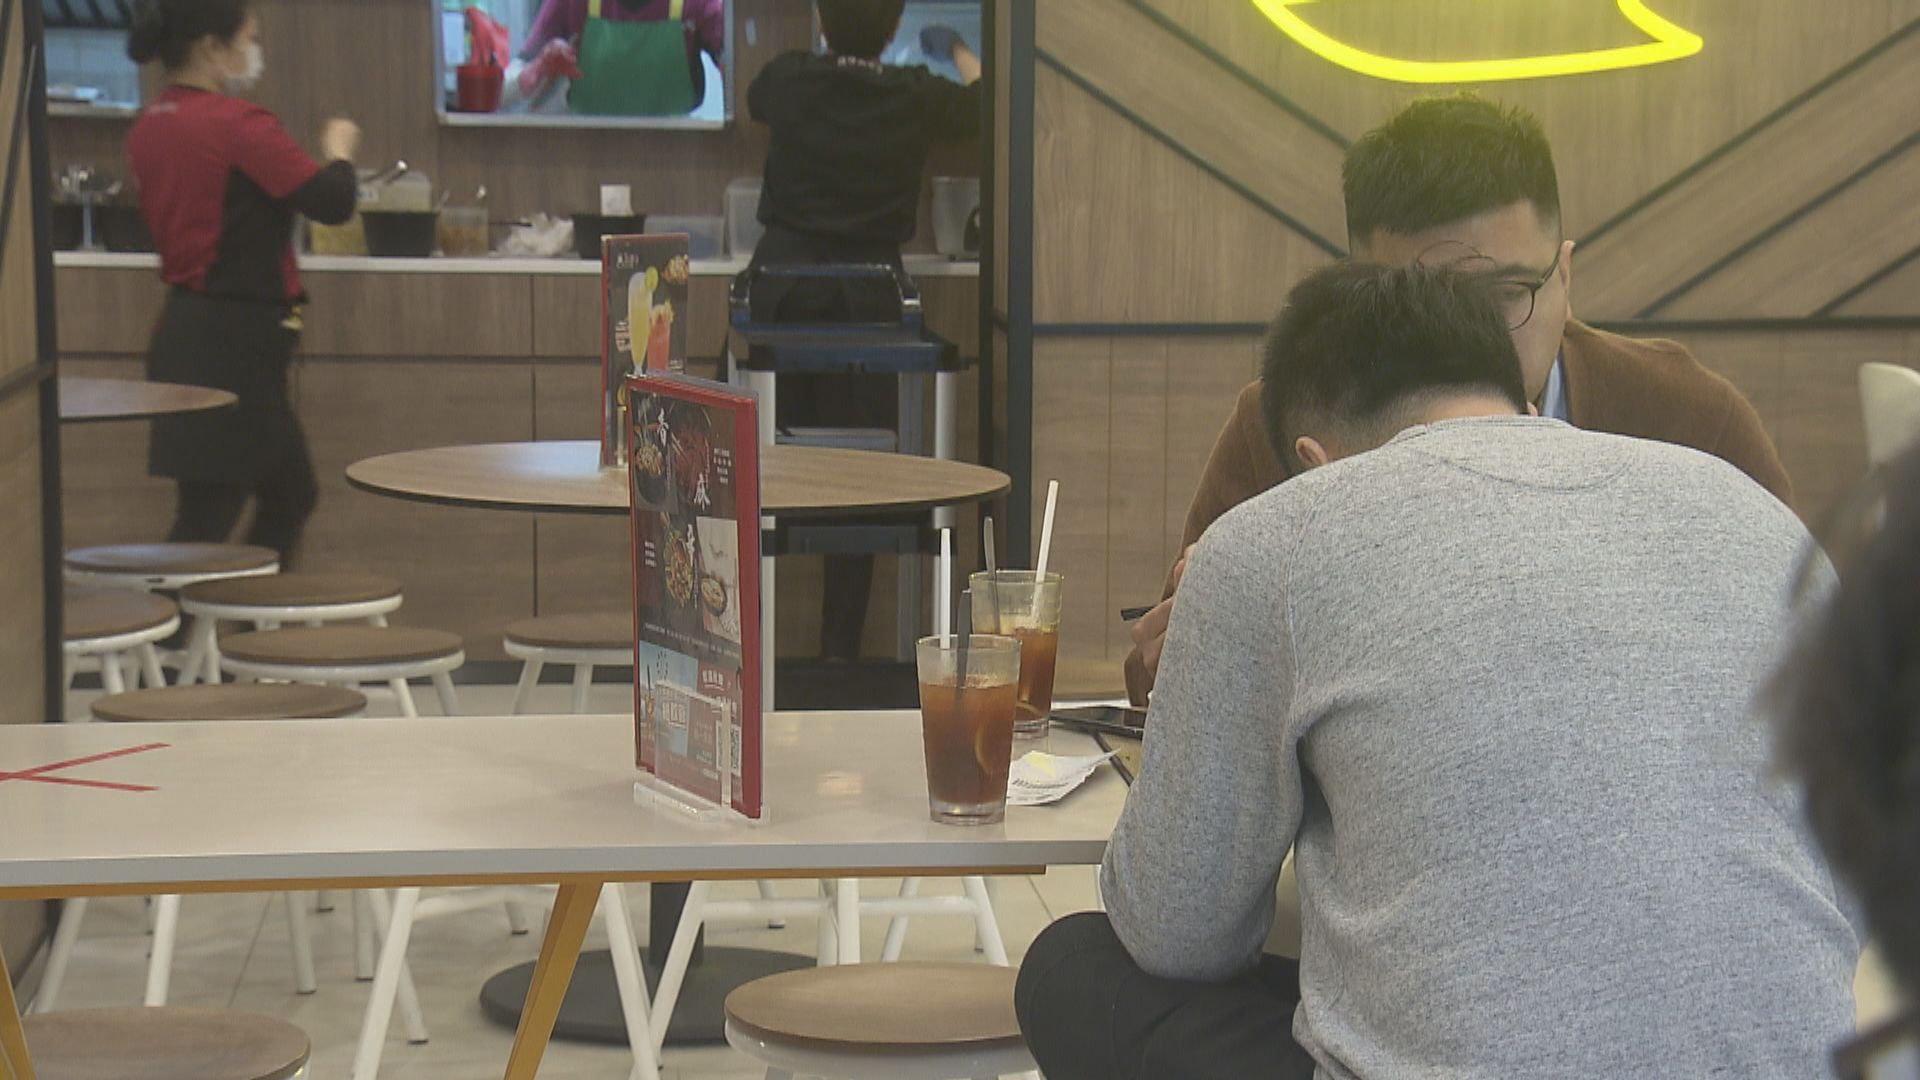 政府延長限聚令等措施兩周 取消食肆顧客數目限制